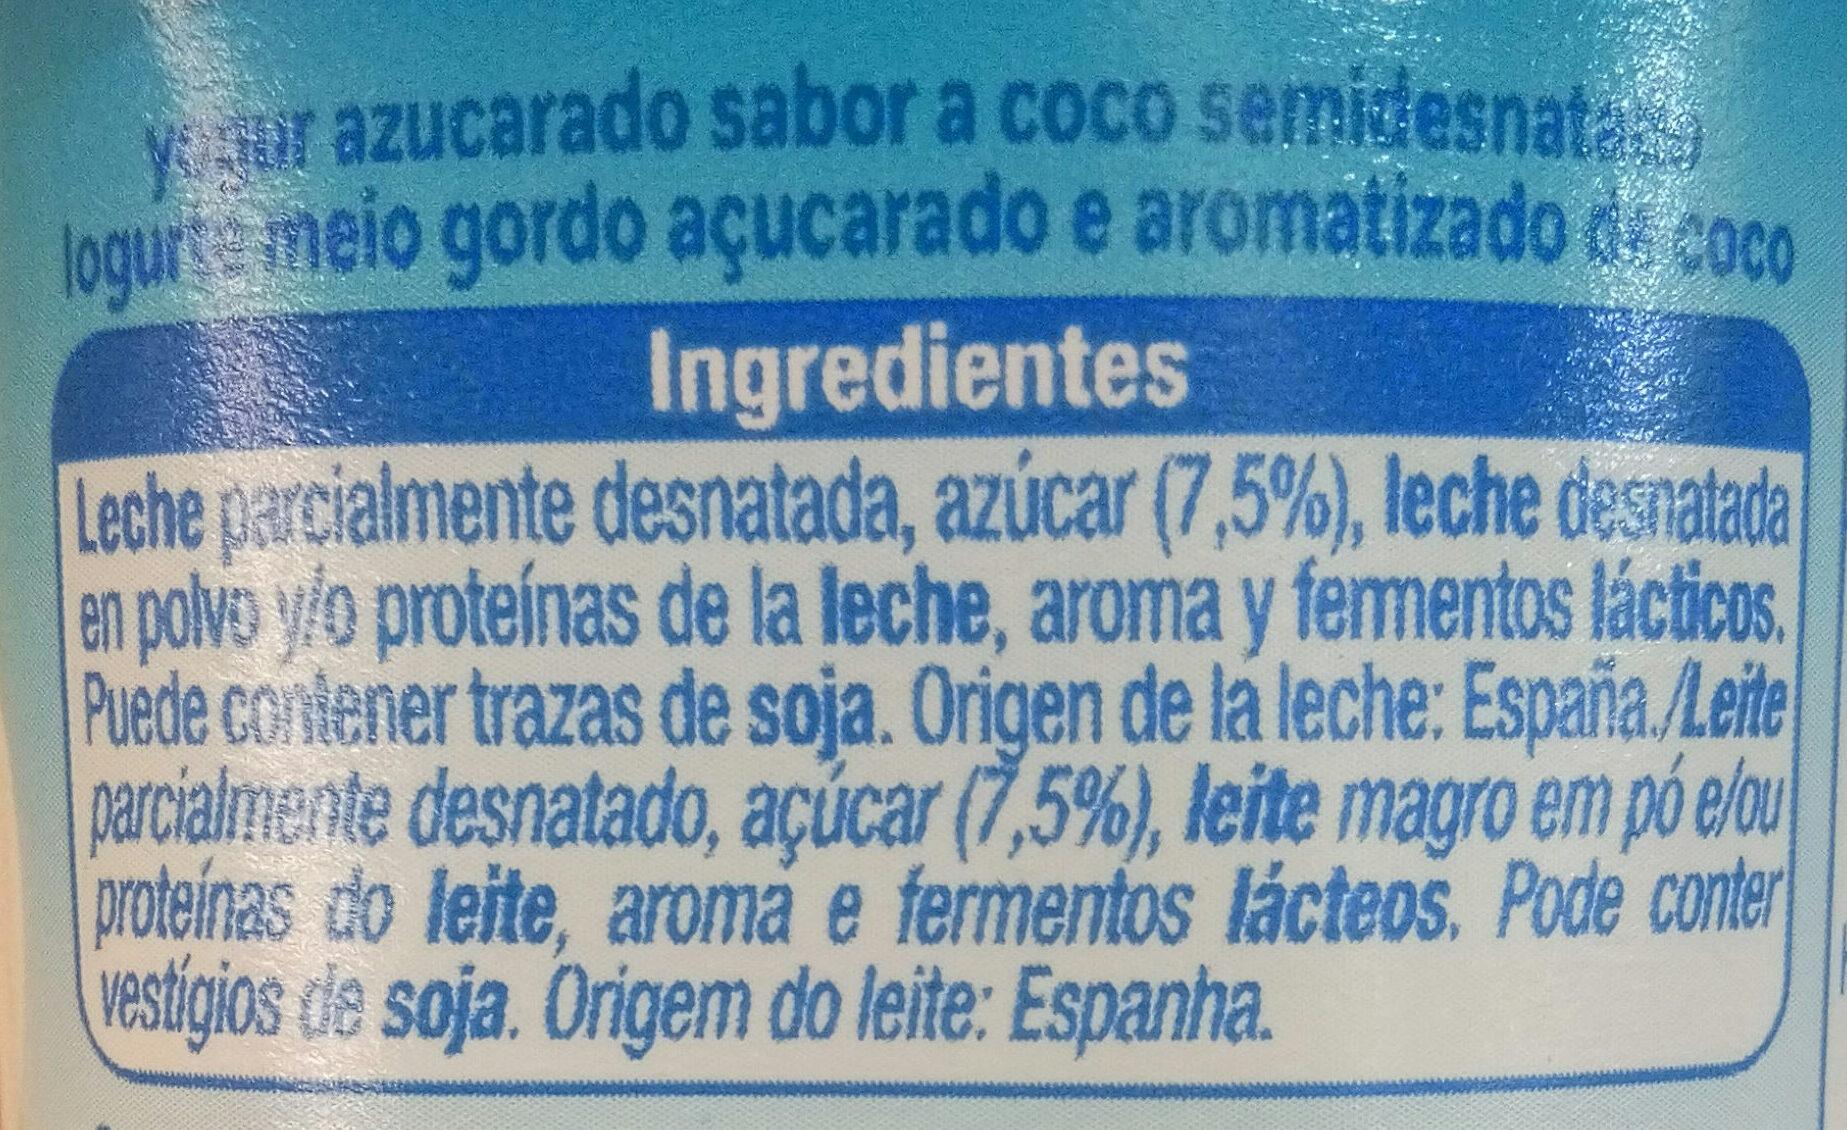 Yogur sabor coco - Ingredientes - es